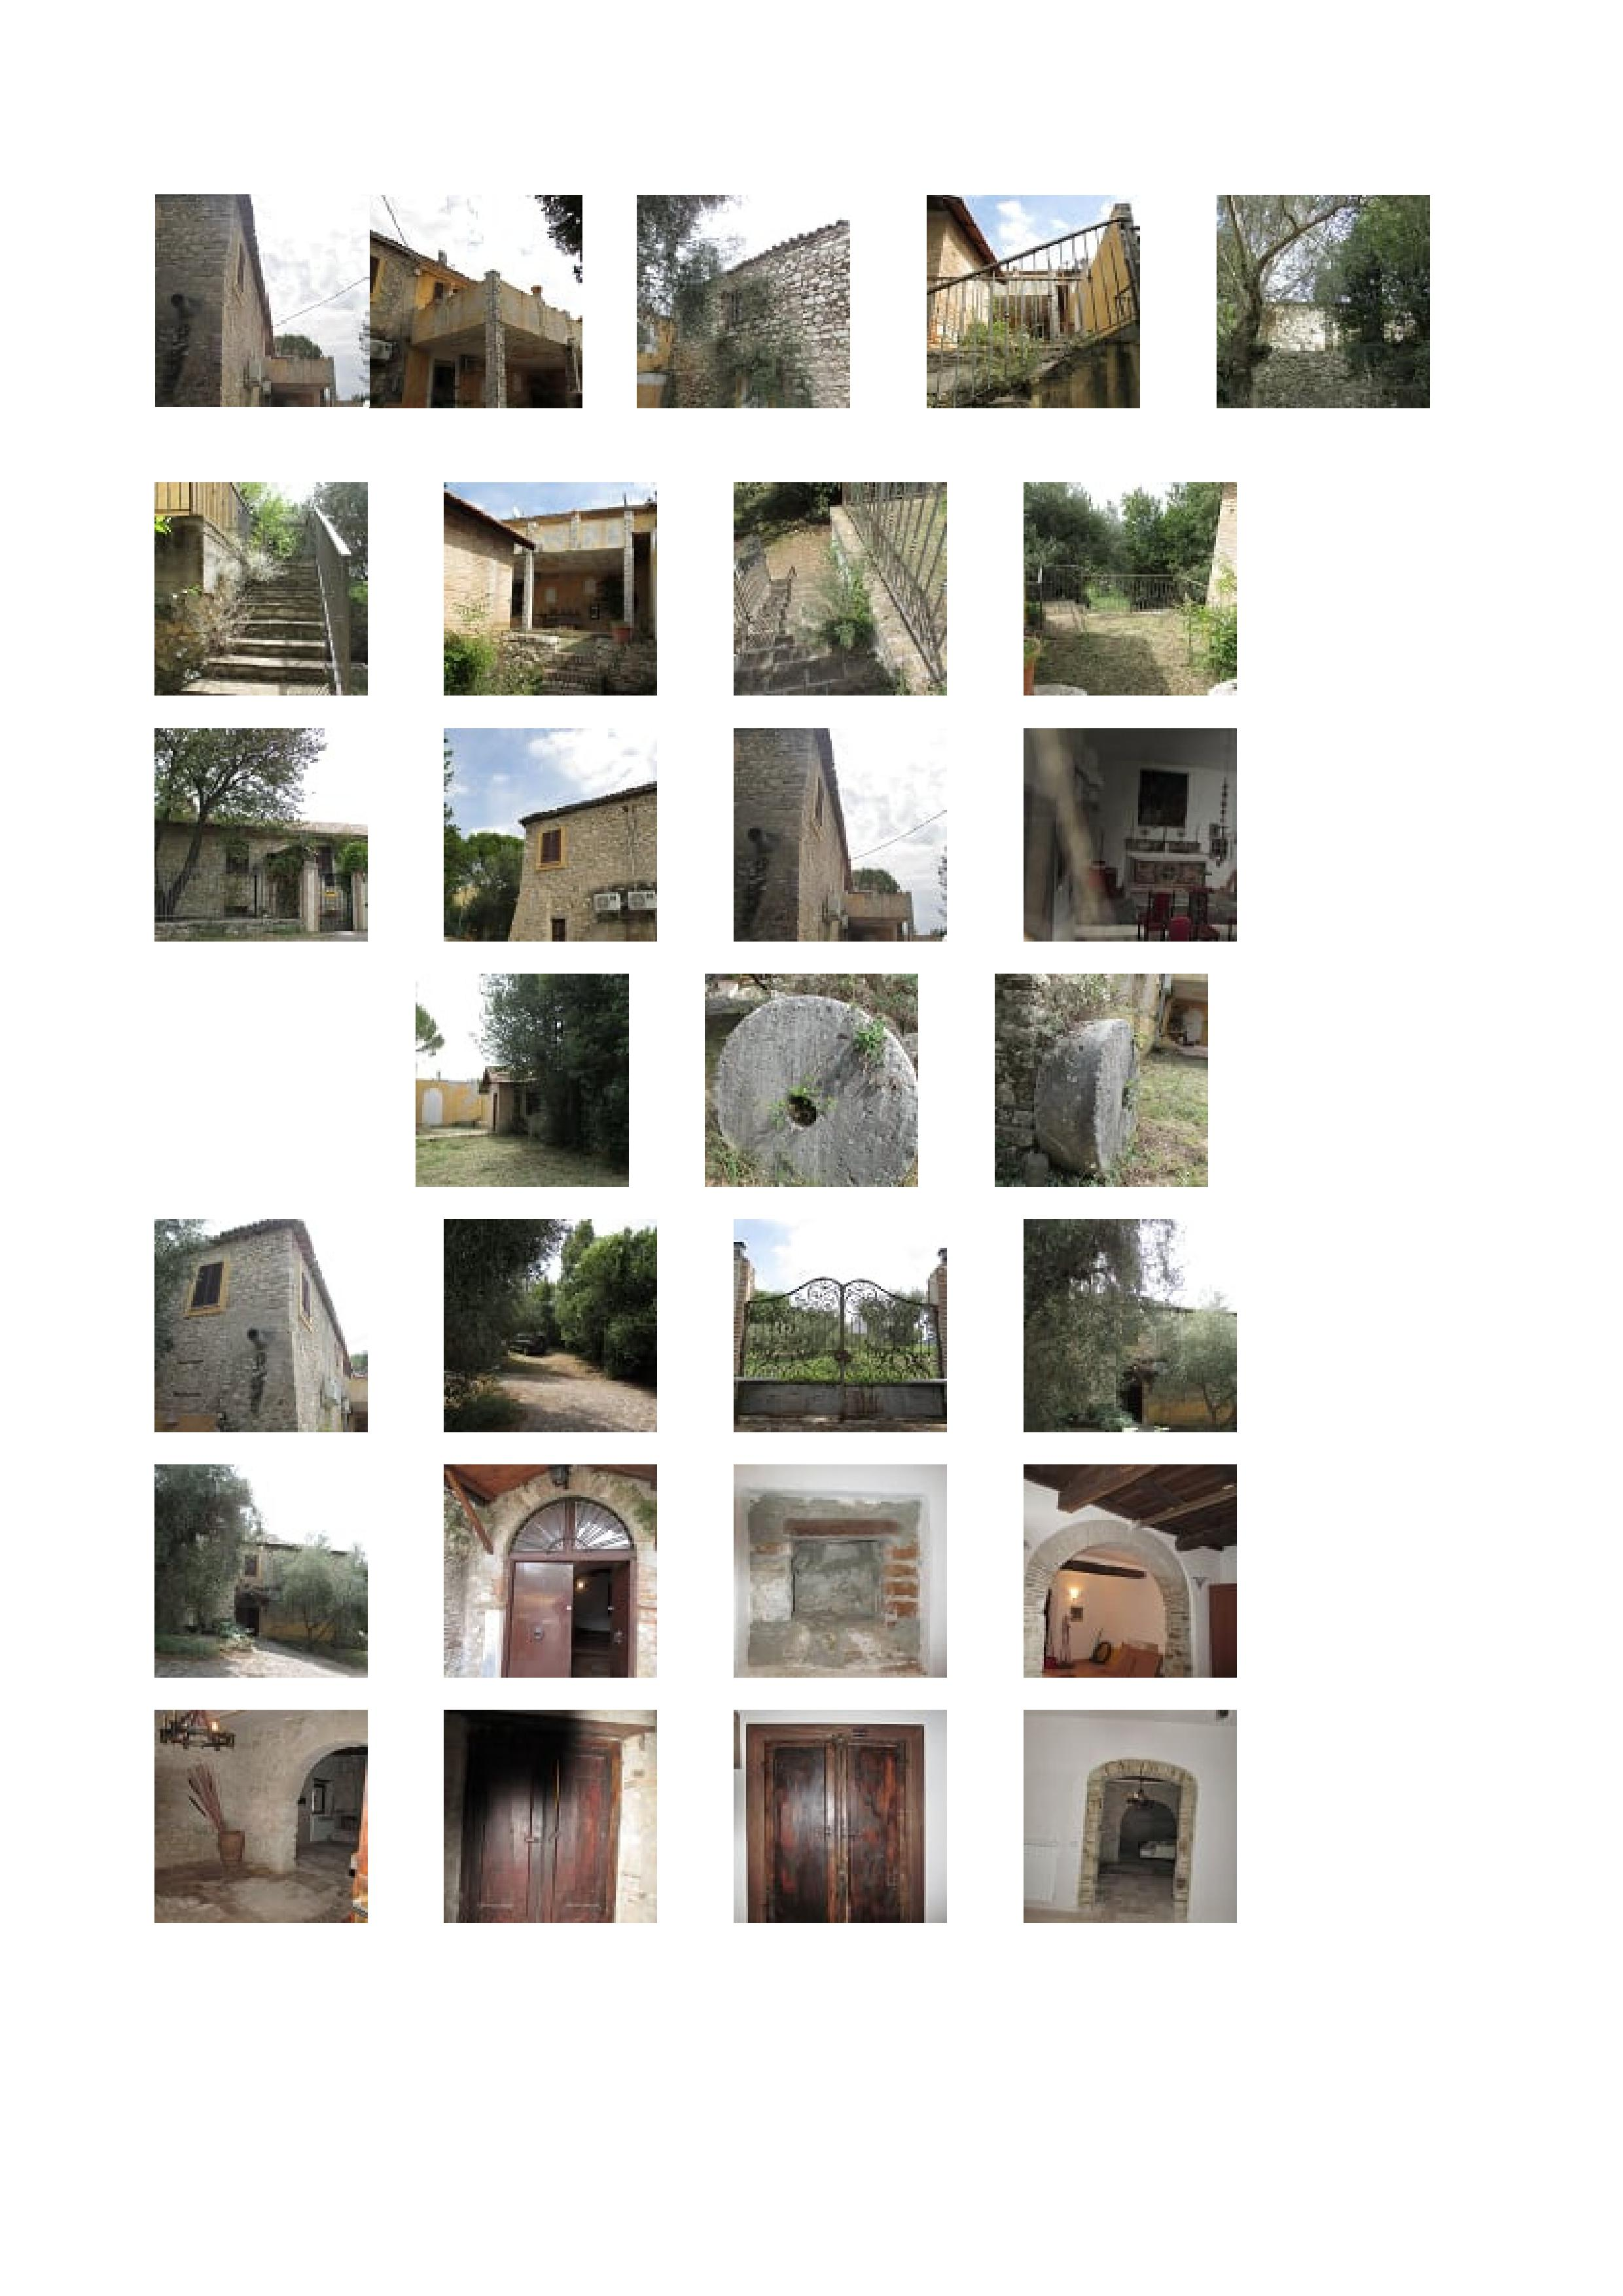 Vente maison de campagne fara in sabina rieti italie - Maison provinciale rustique campagne svetti ...